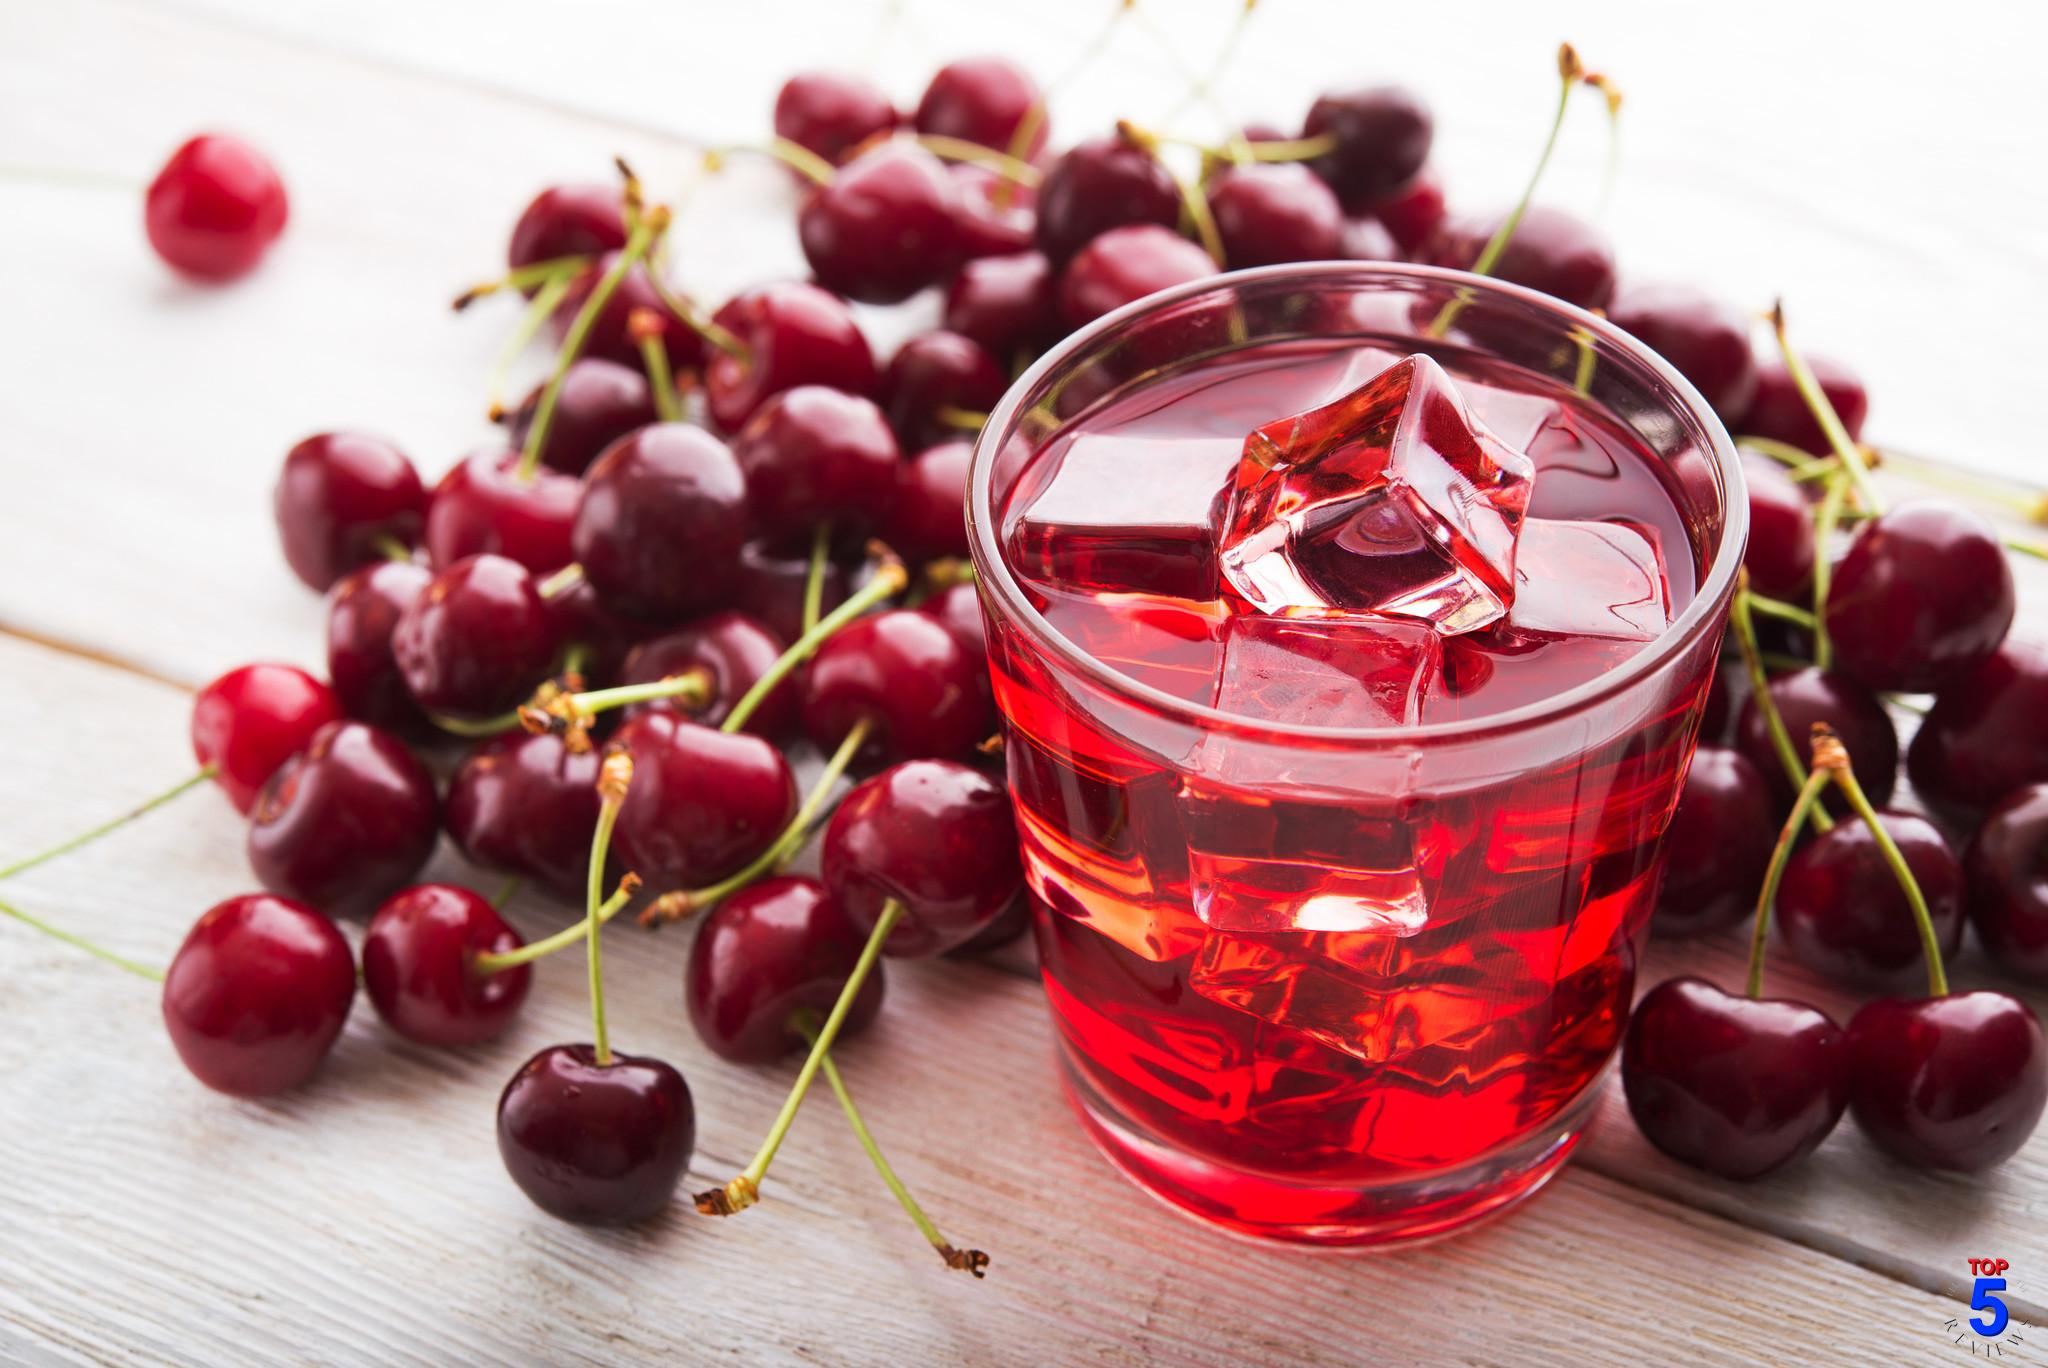 Bệnh nhân tiểu đường nên ăn cherry